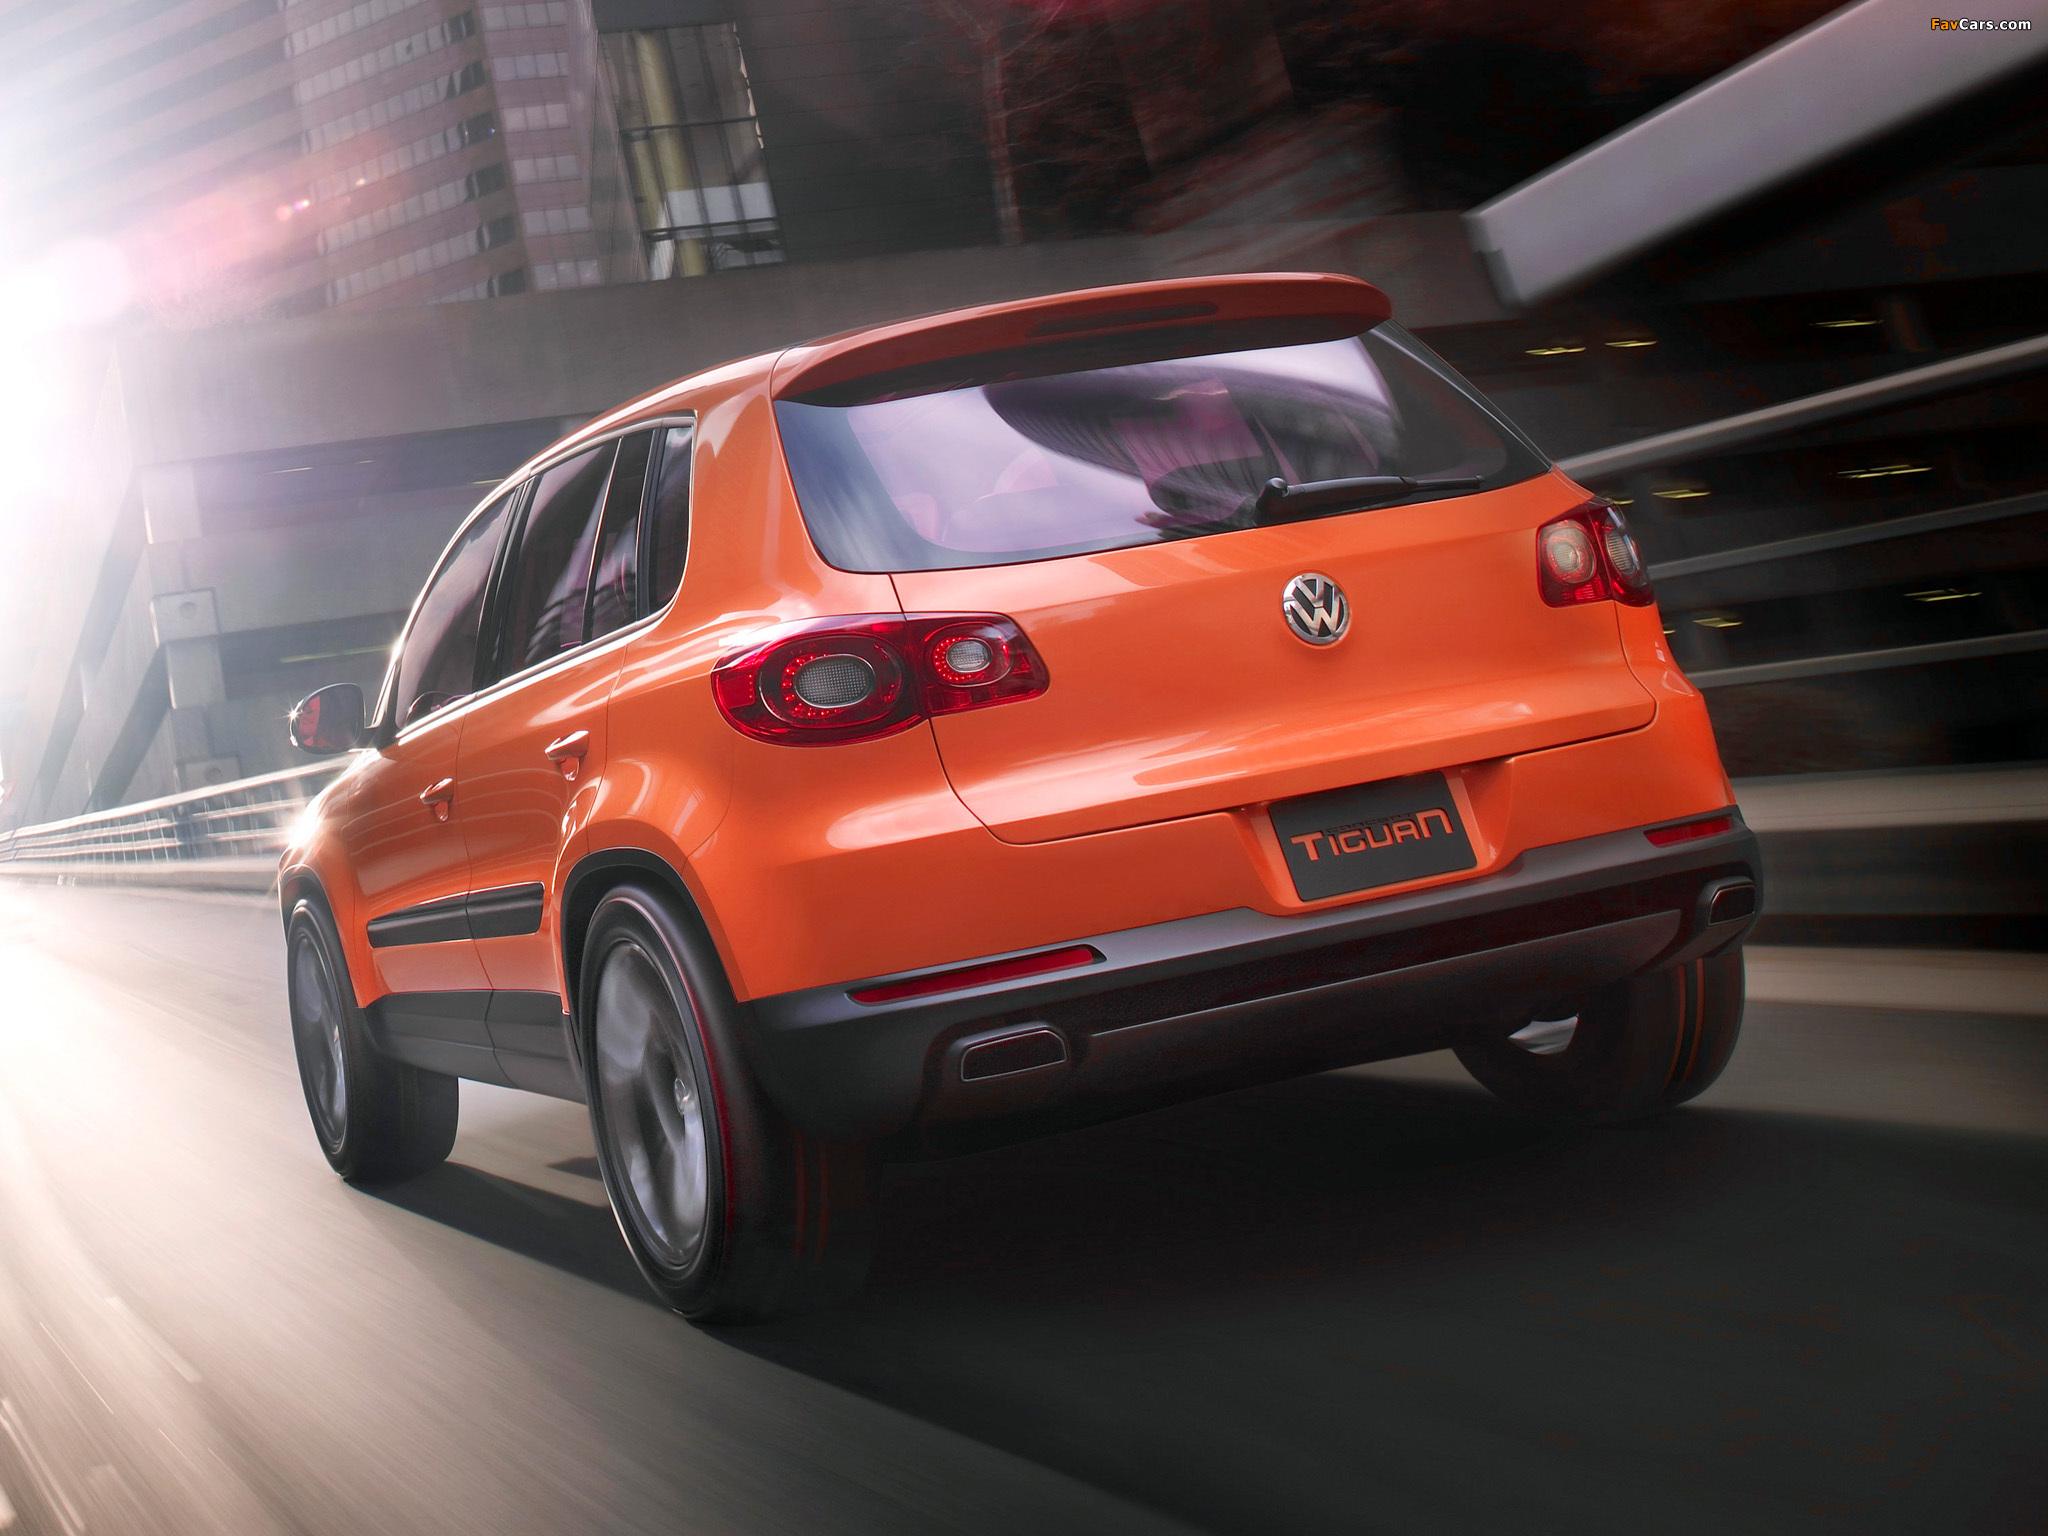 Volkswagen Tiguan Concept 2006 pictures (2048 x 1536)